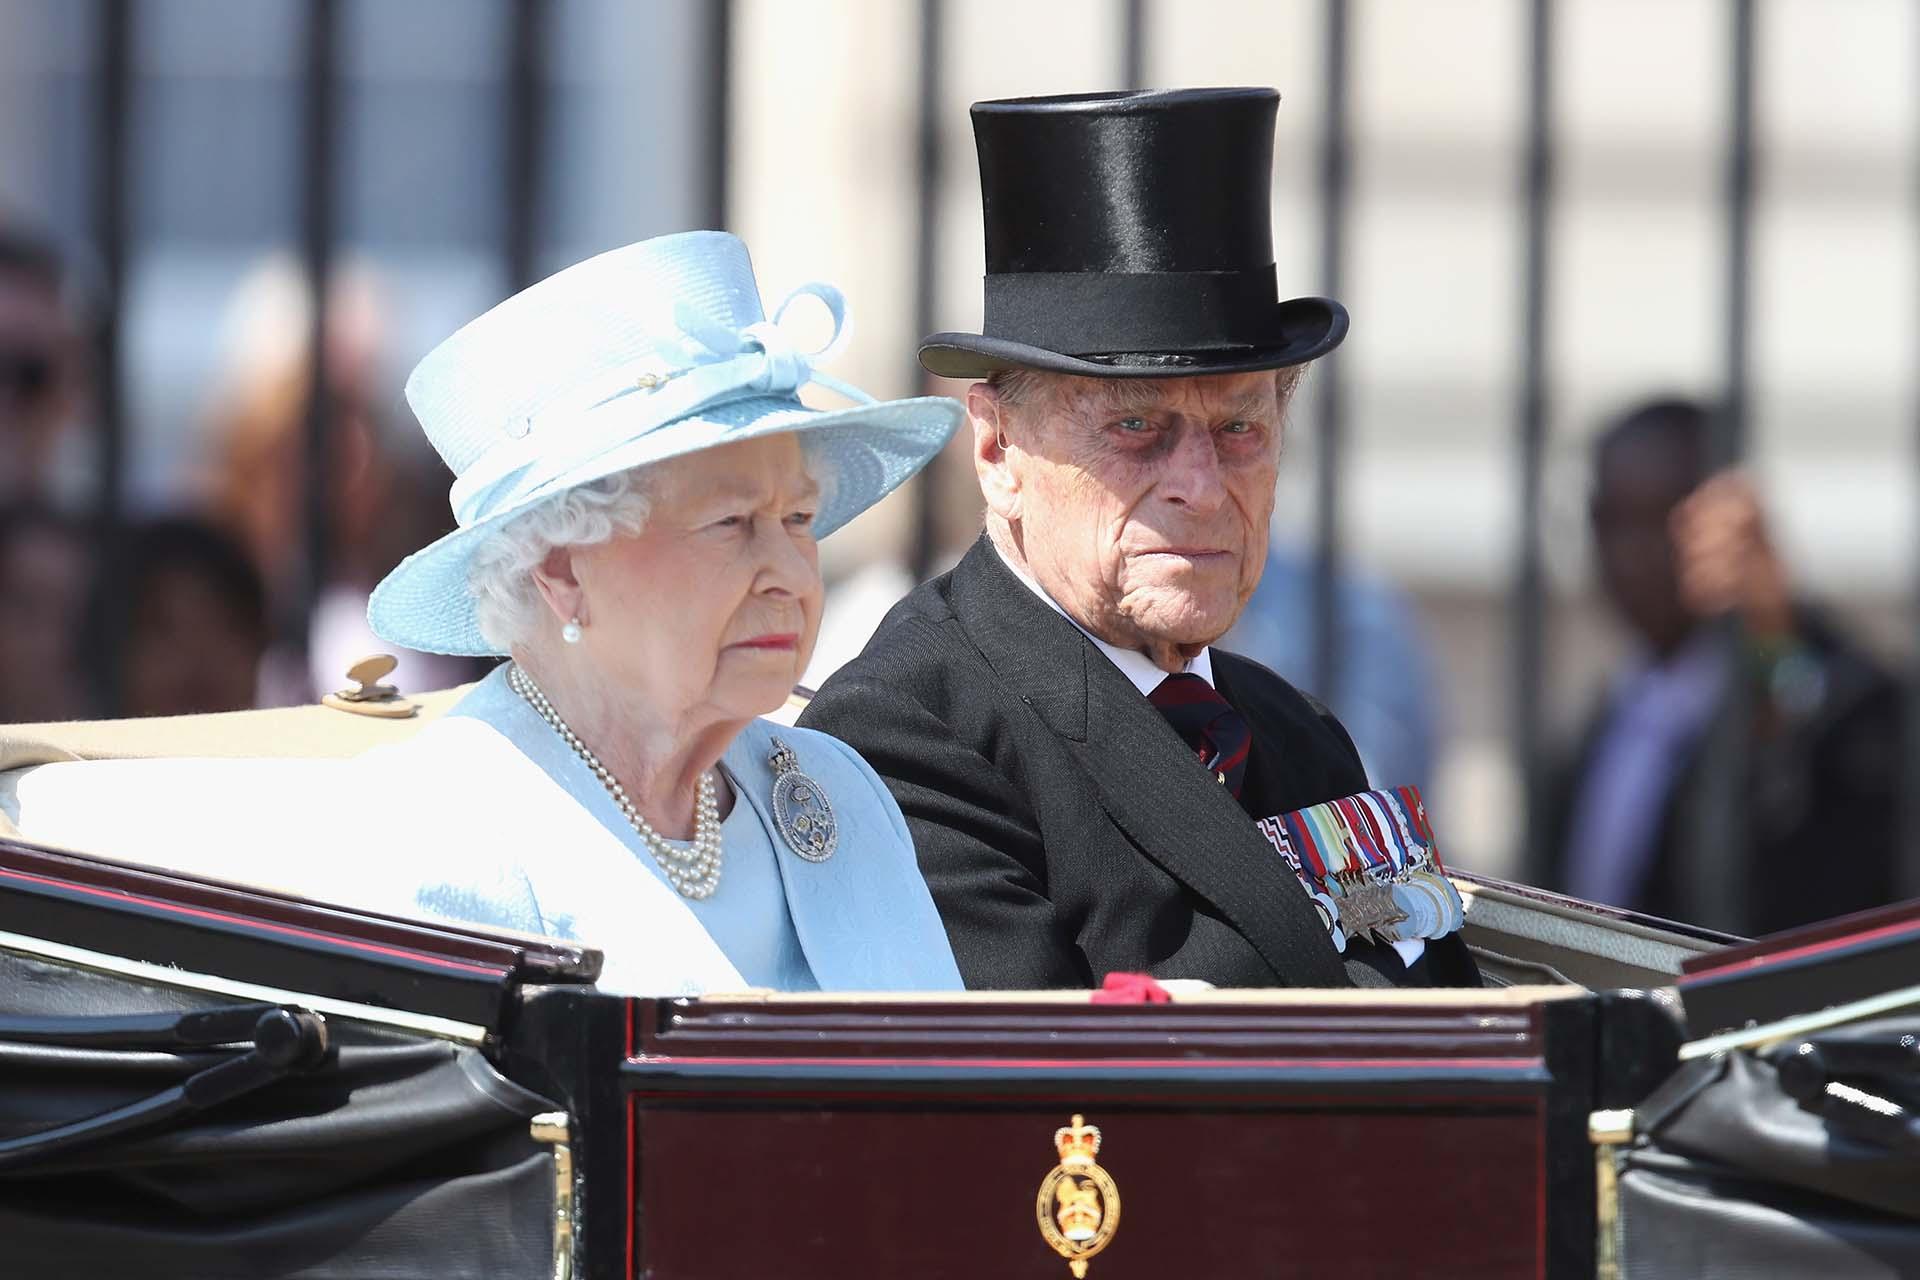 La paseo en carruaje de la reina Isabel junto a su marido Felipe, duque de Edimburgo